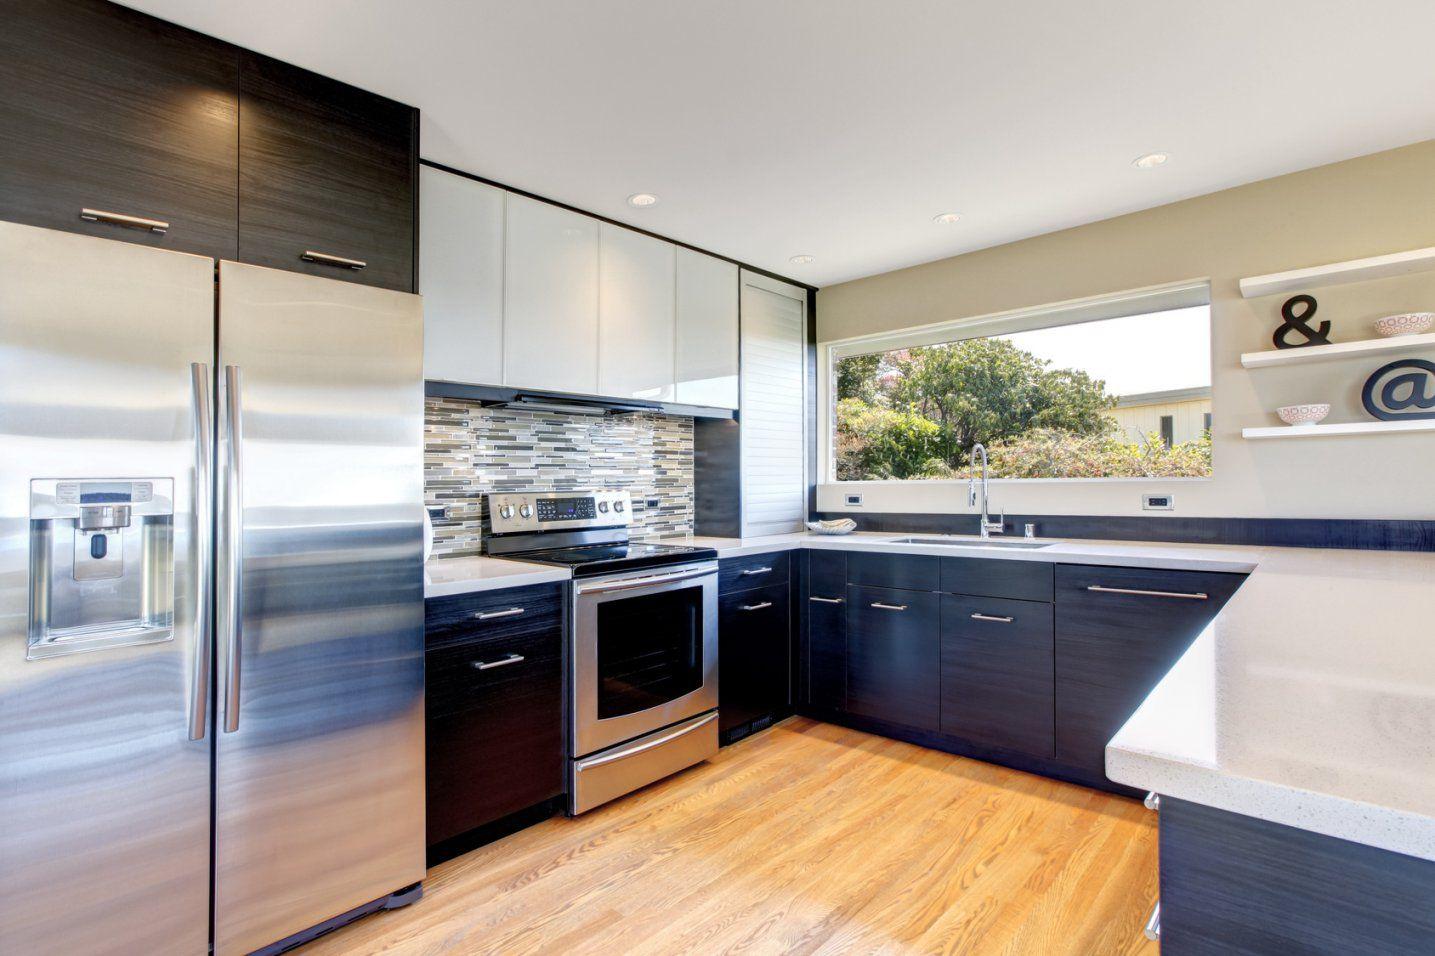 Küche Ohne Hängeschränke  Uruenavilladellibro von Beleuchtung Küche Ohne Oberschränke Photo